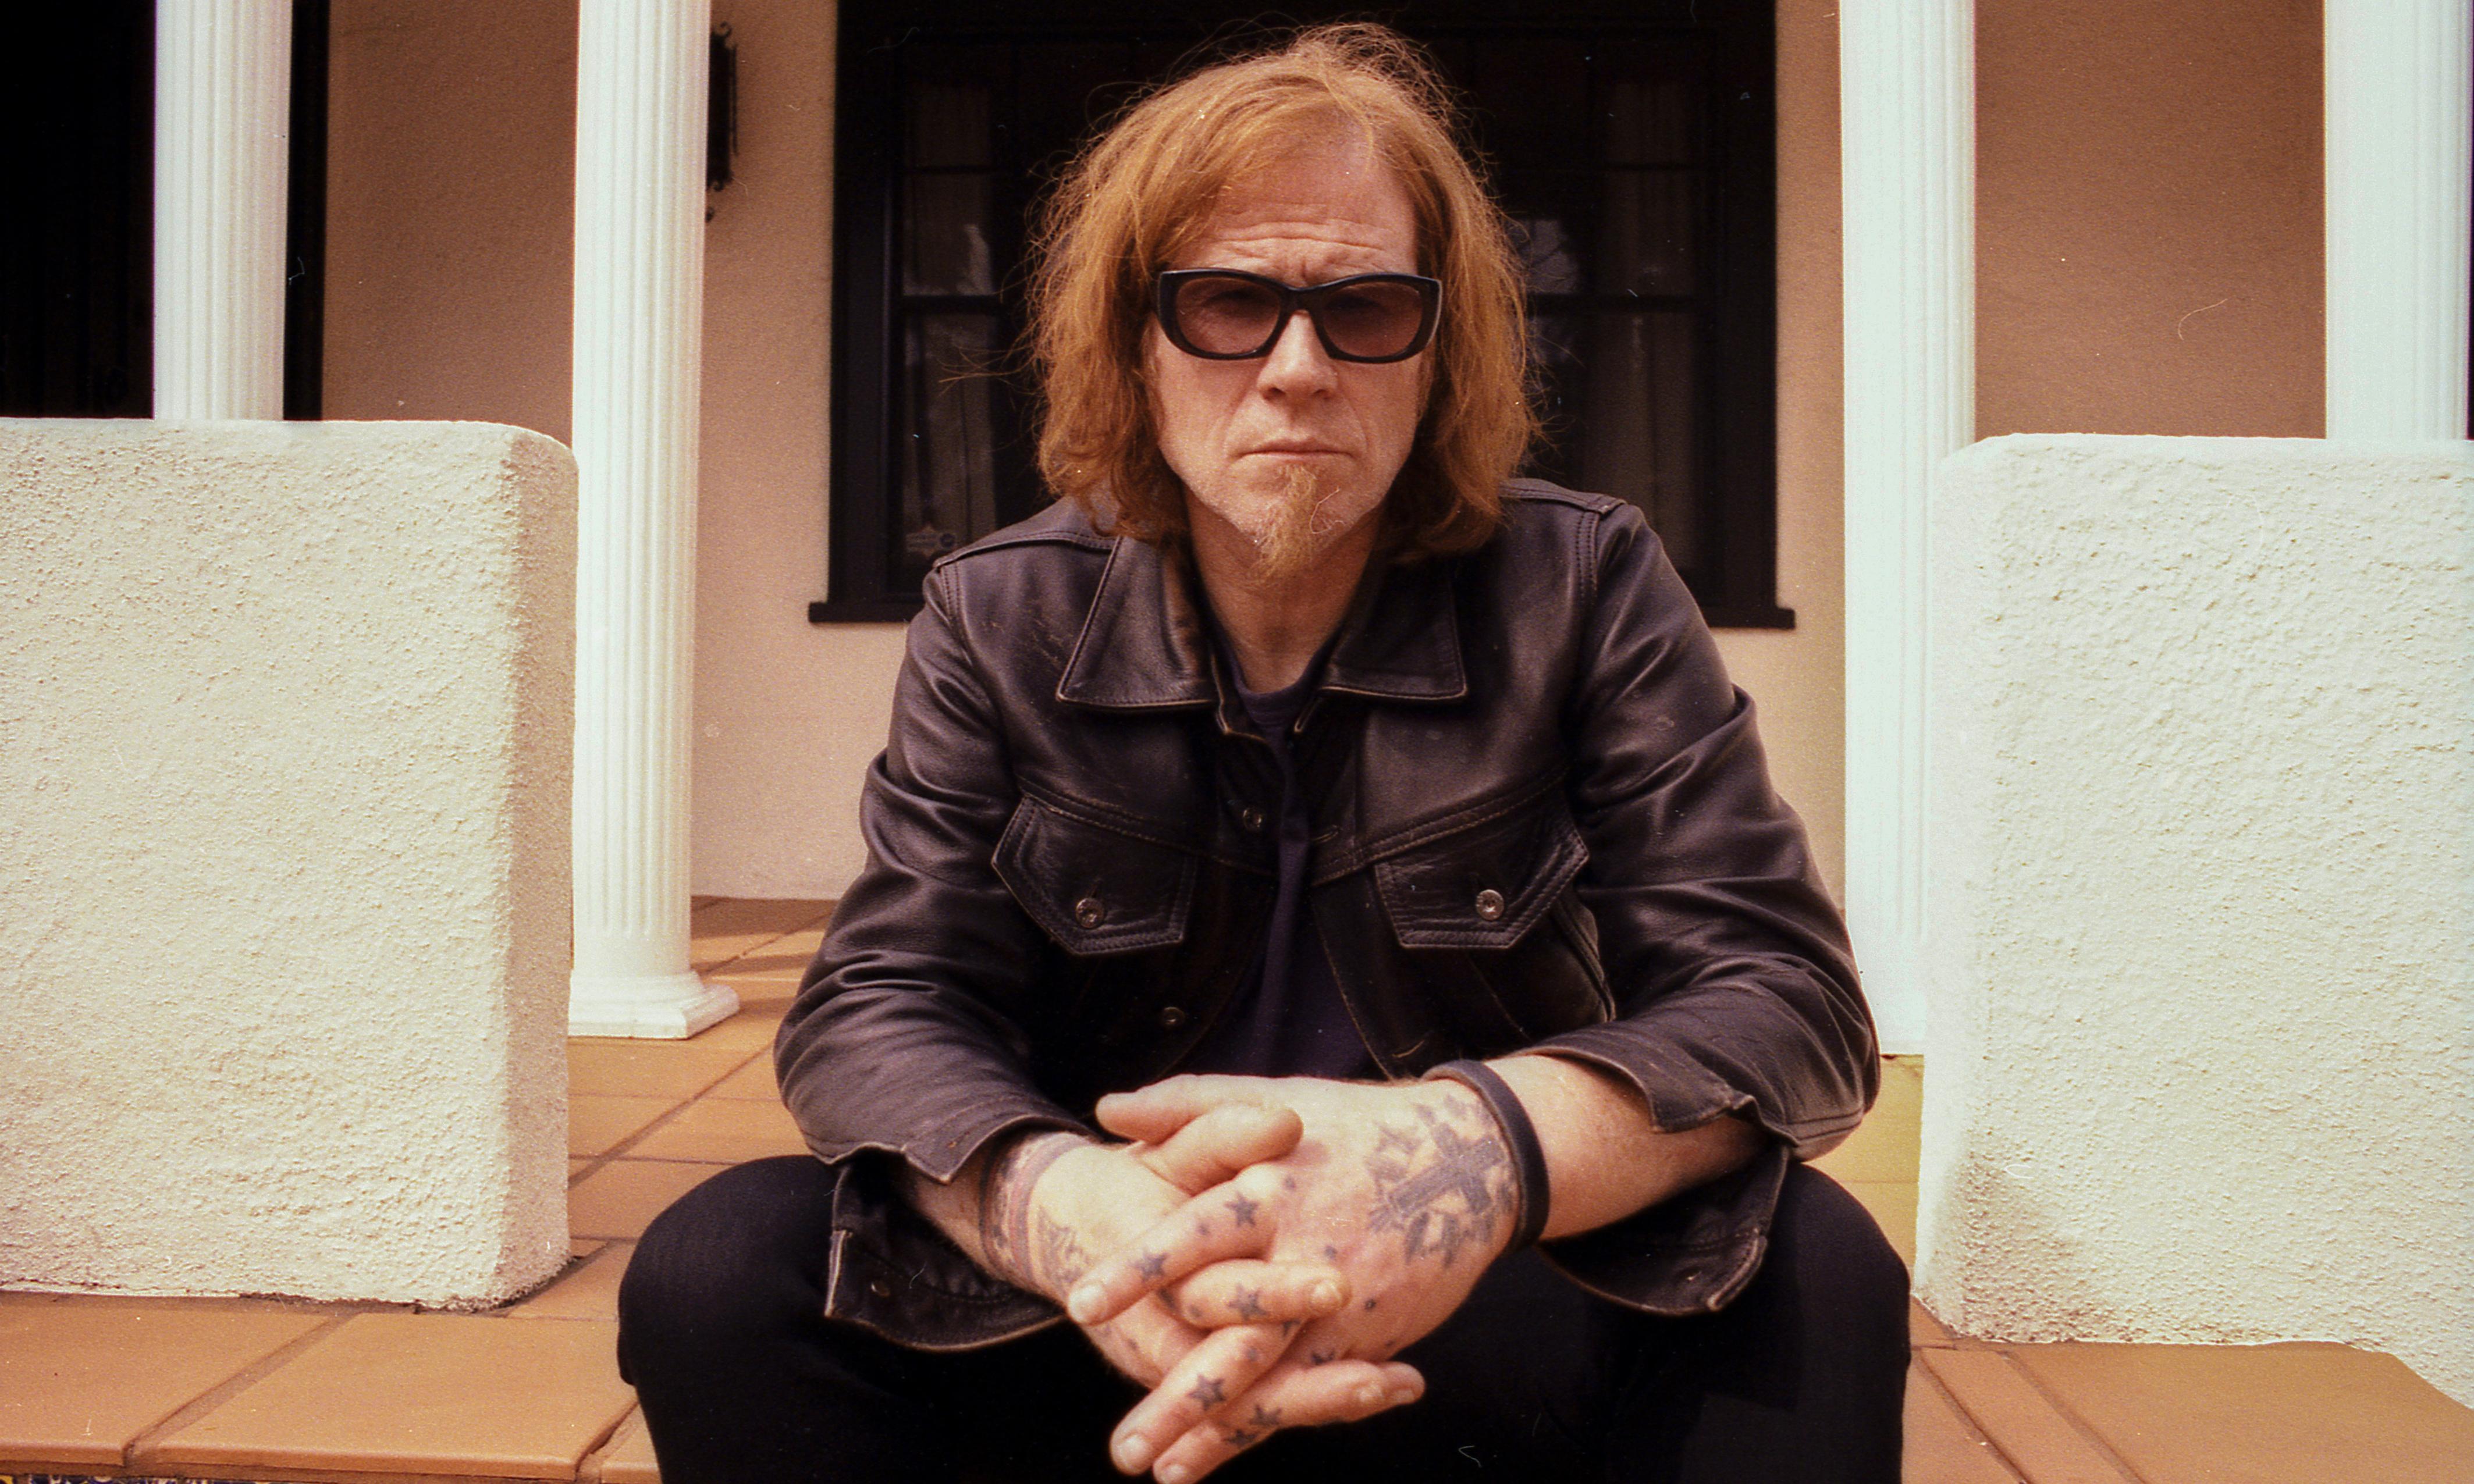 Mark Lanegan Band: Somebody's Knocking review